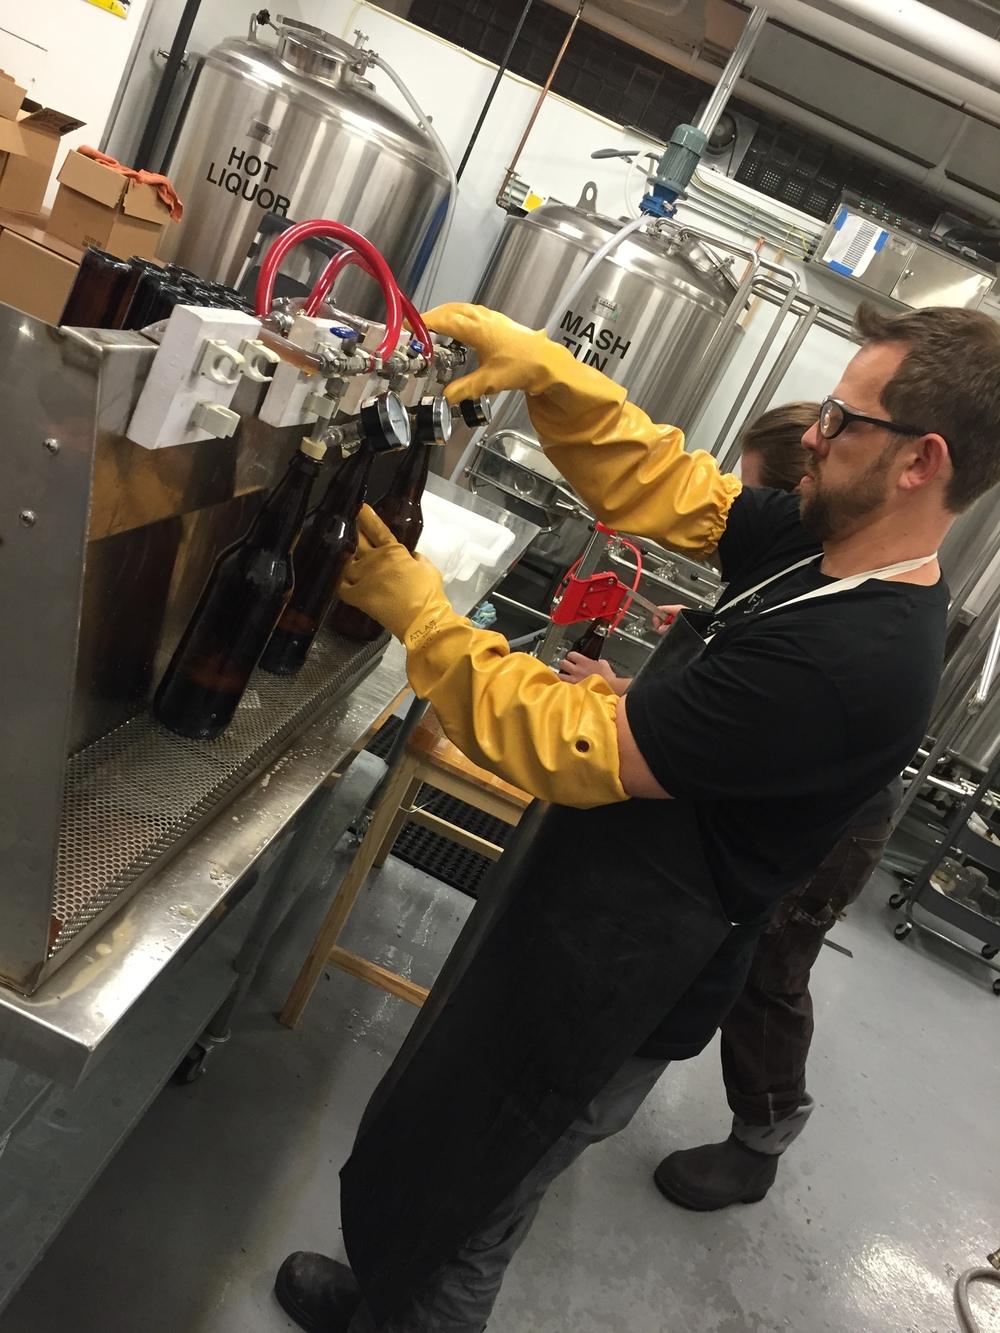 Cesar fills our first bottles (9/15)